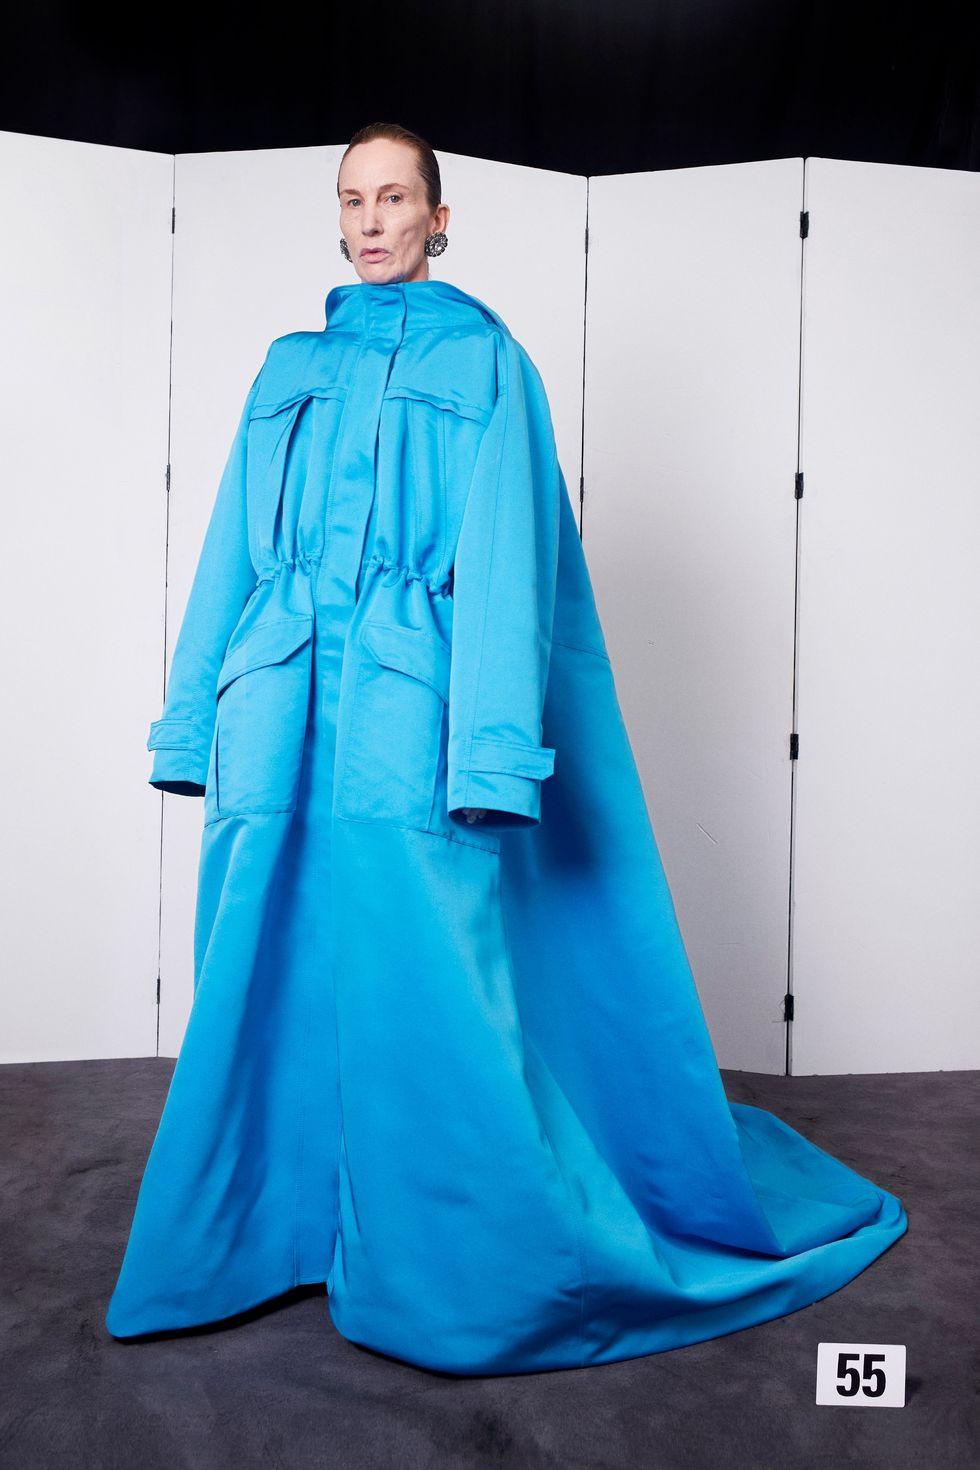 Nhưng xu hướng lớn nhất trong tuần lễ thời trang xa xỉ Haute couture Paris - 5